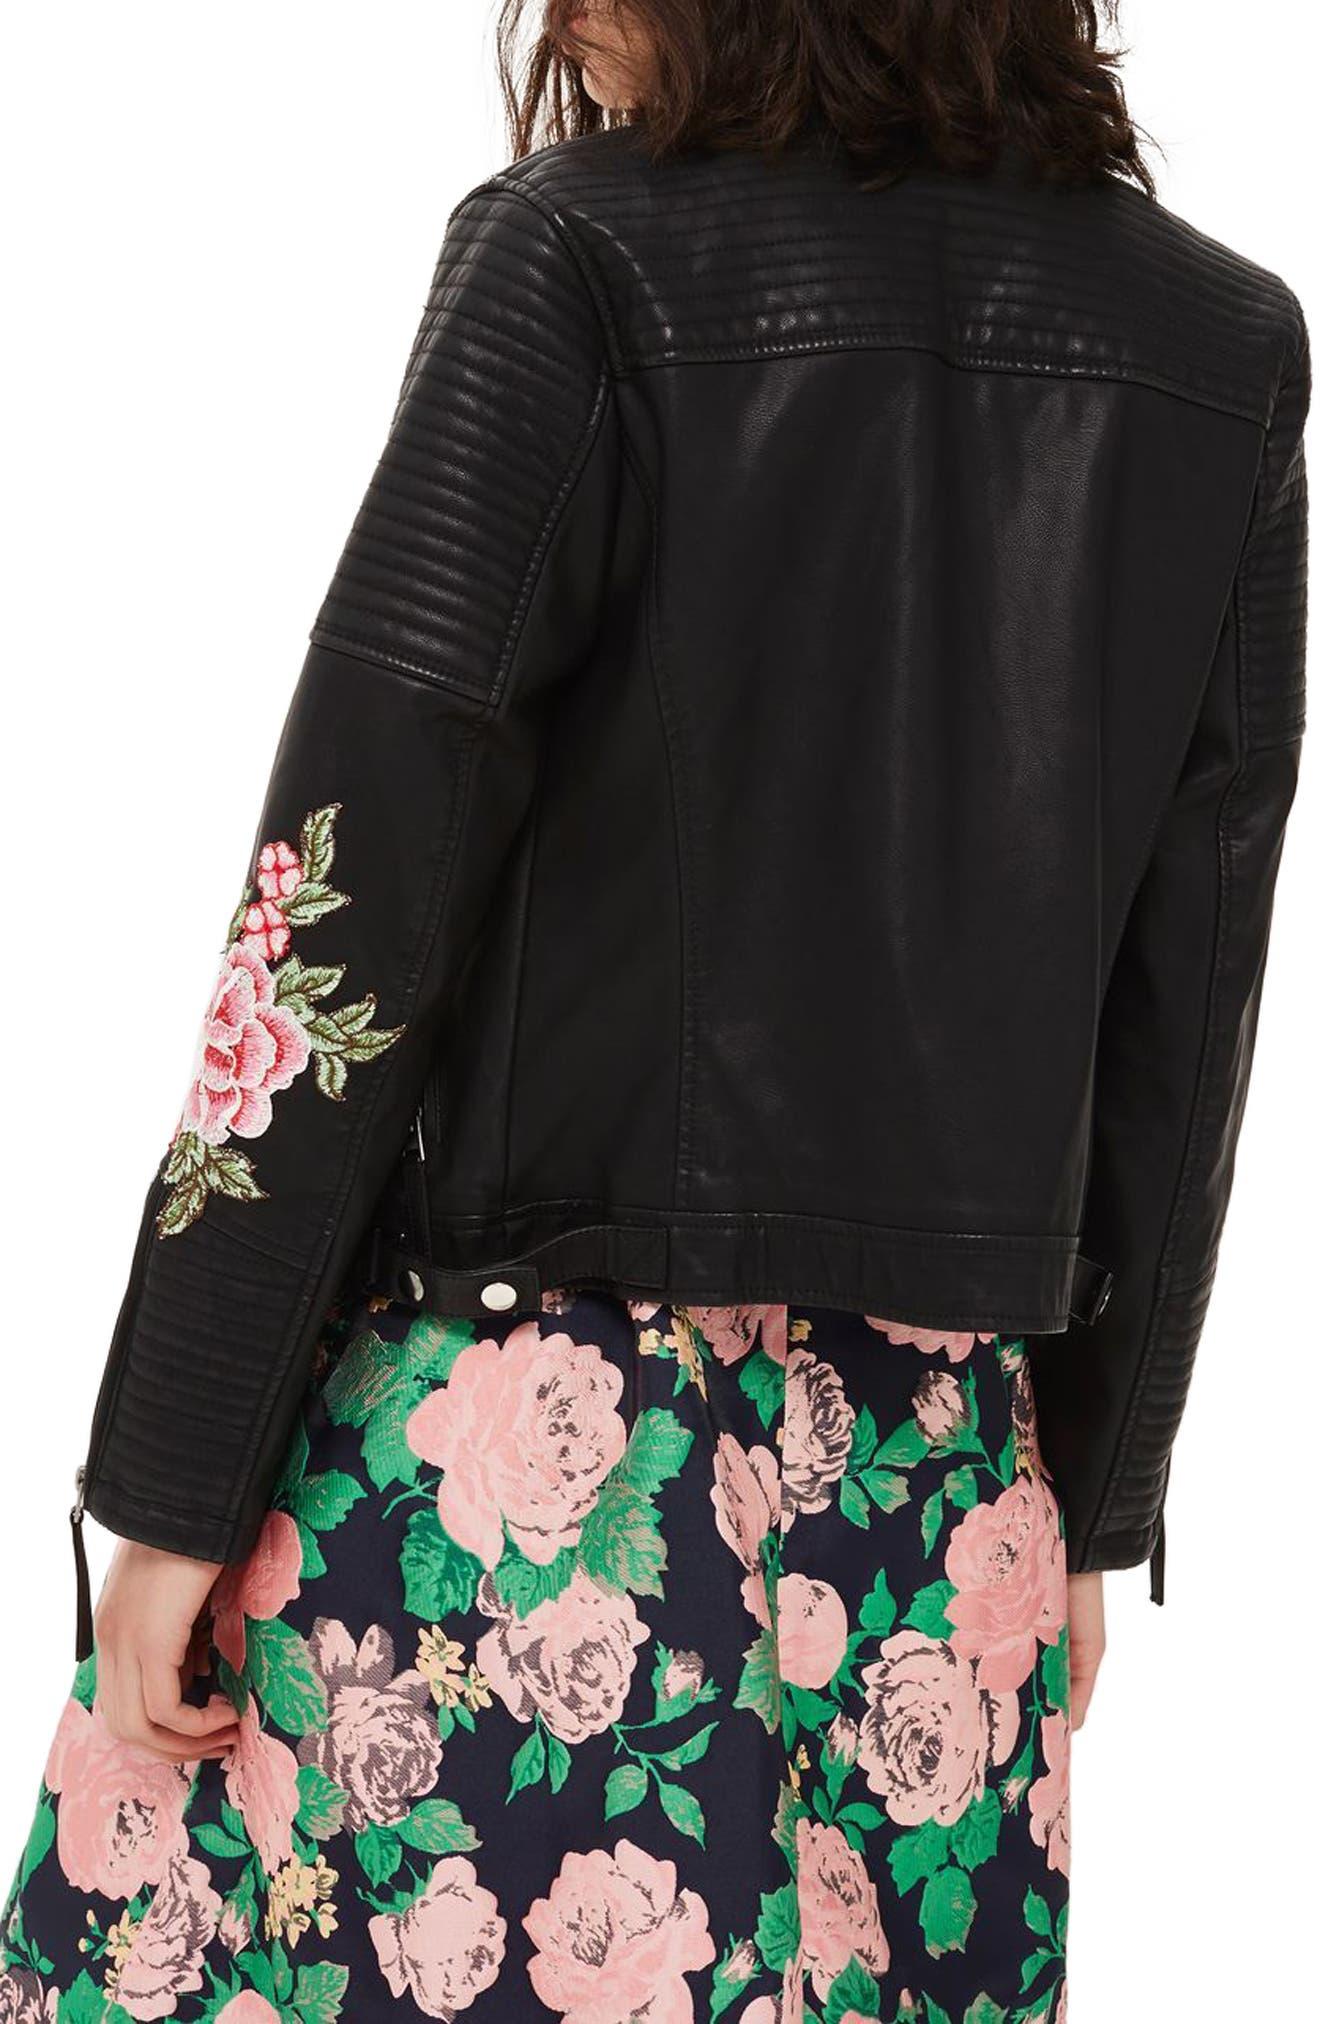 Luna Floral Patch Faux Leather Biker Jacket,                             Alternate thumbnail 2, color,                             Black